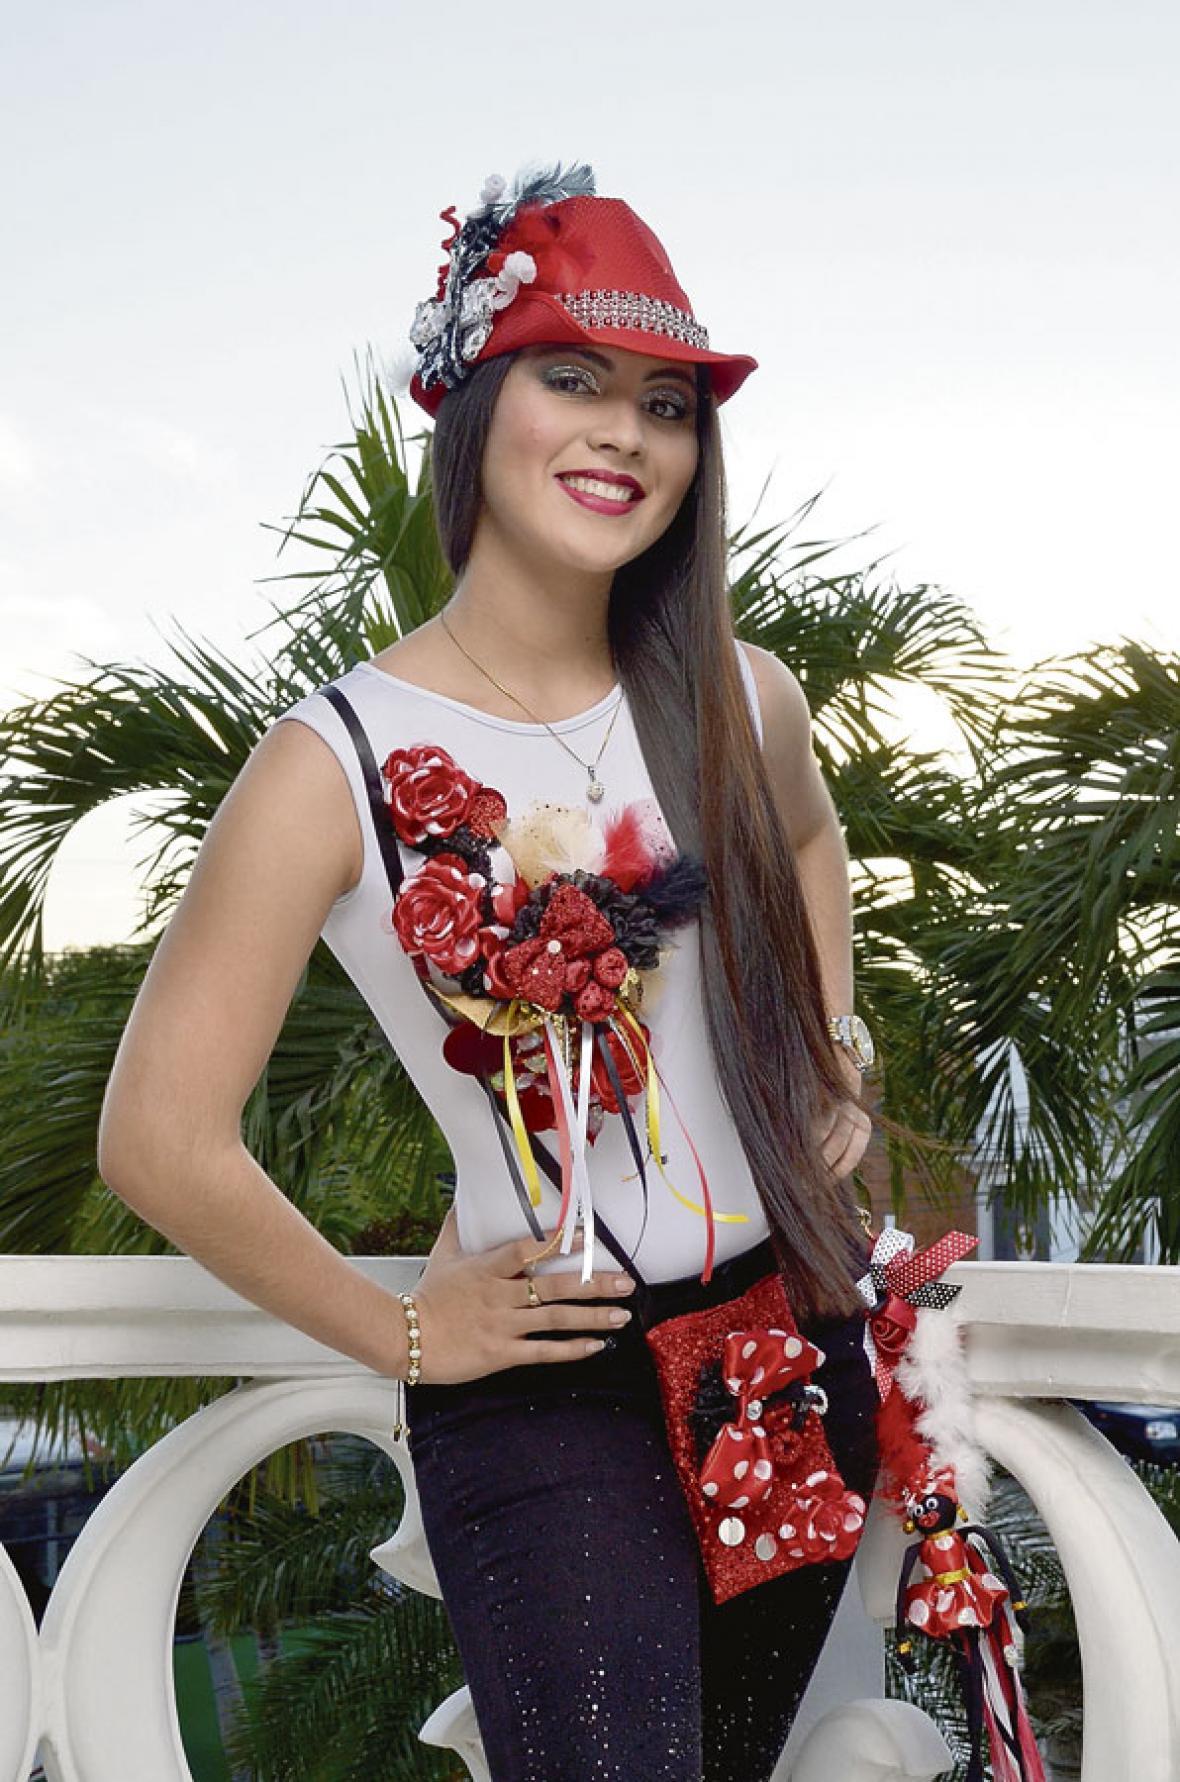 Vestidos para ir a una fiesta de carnaval